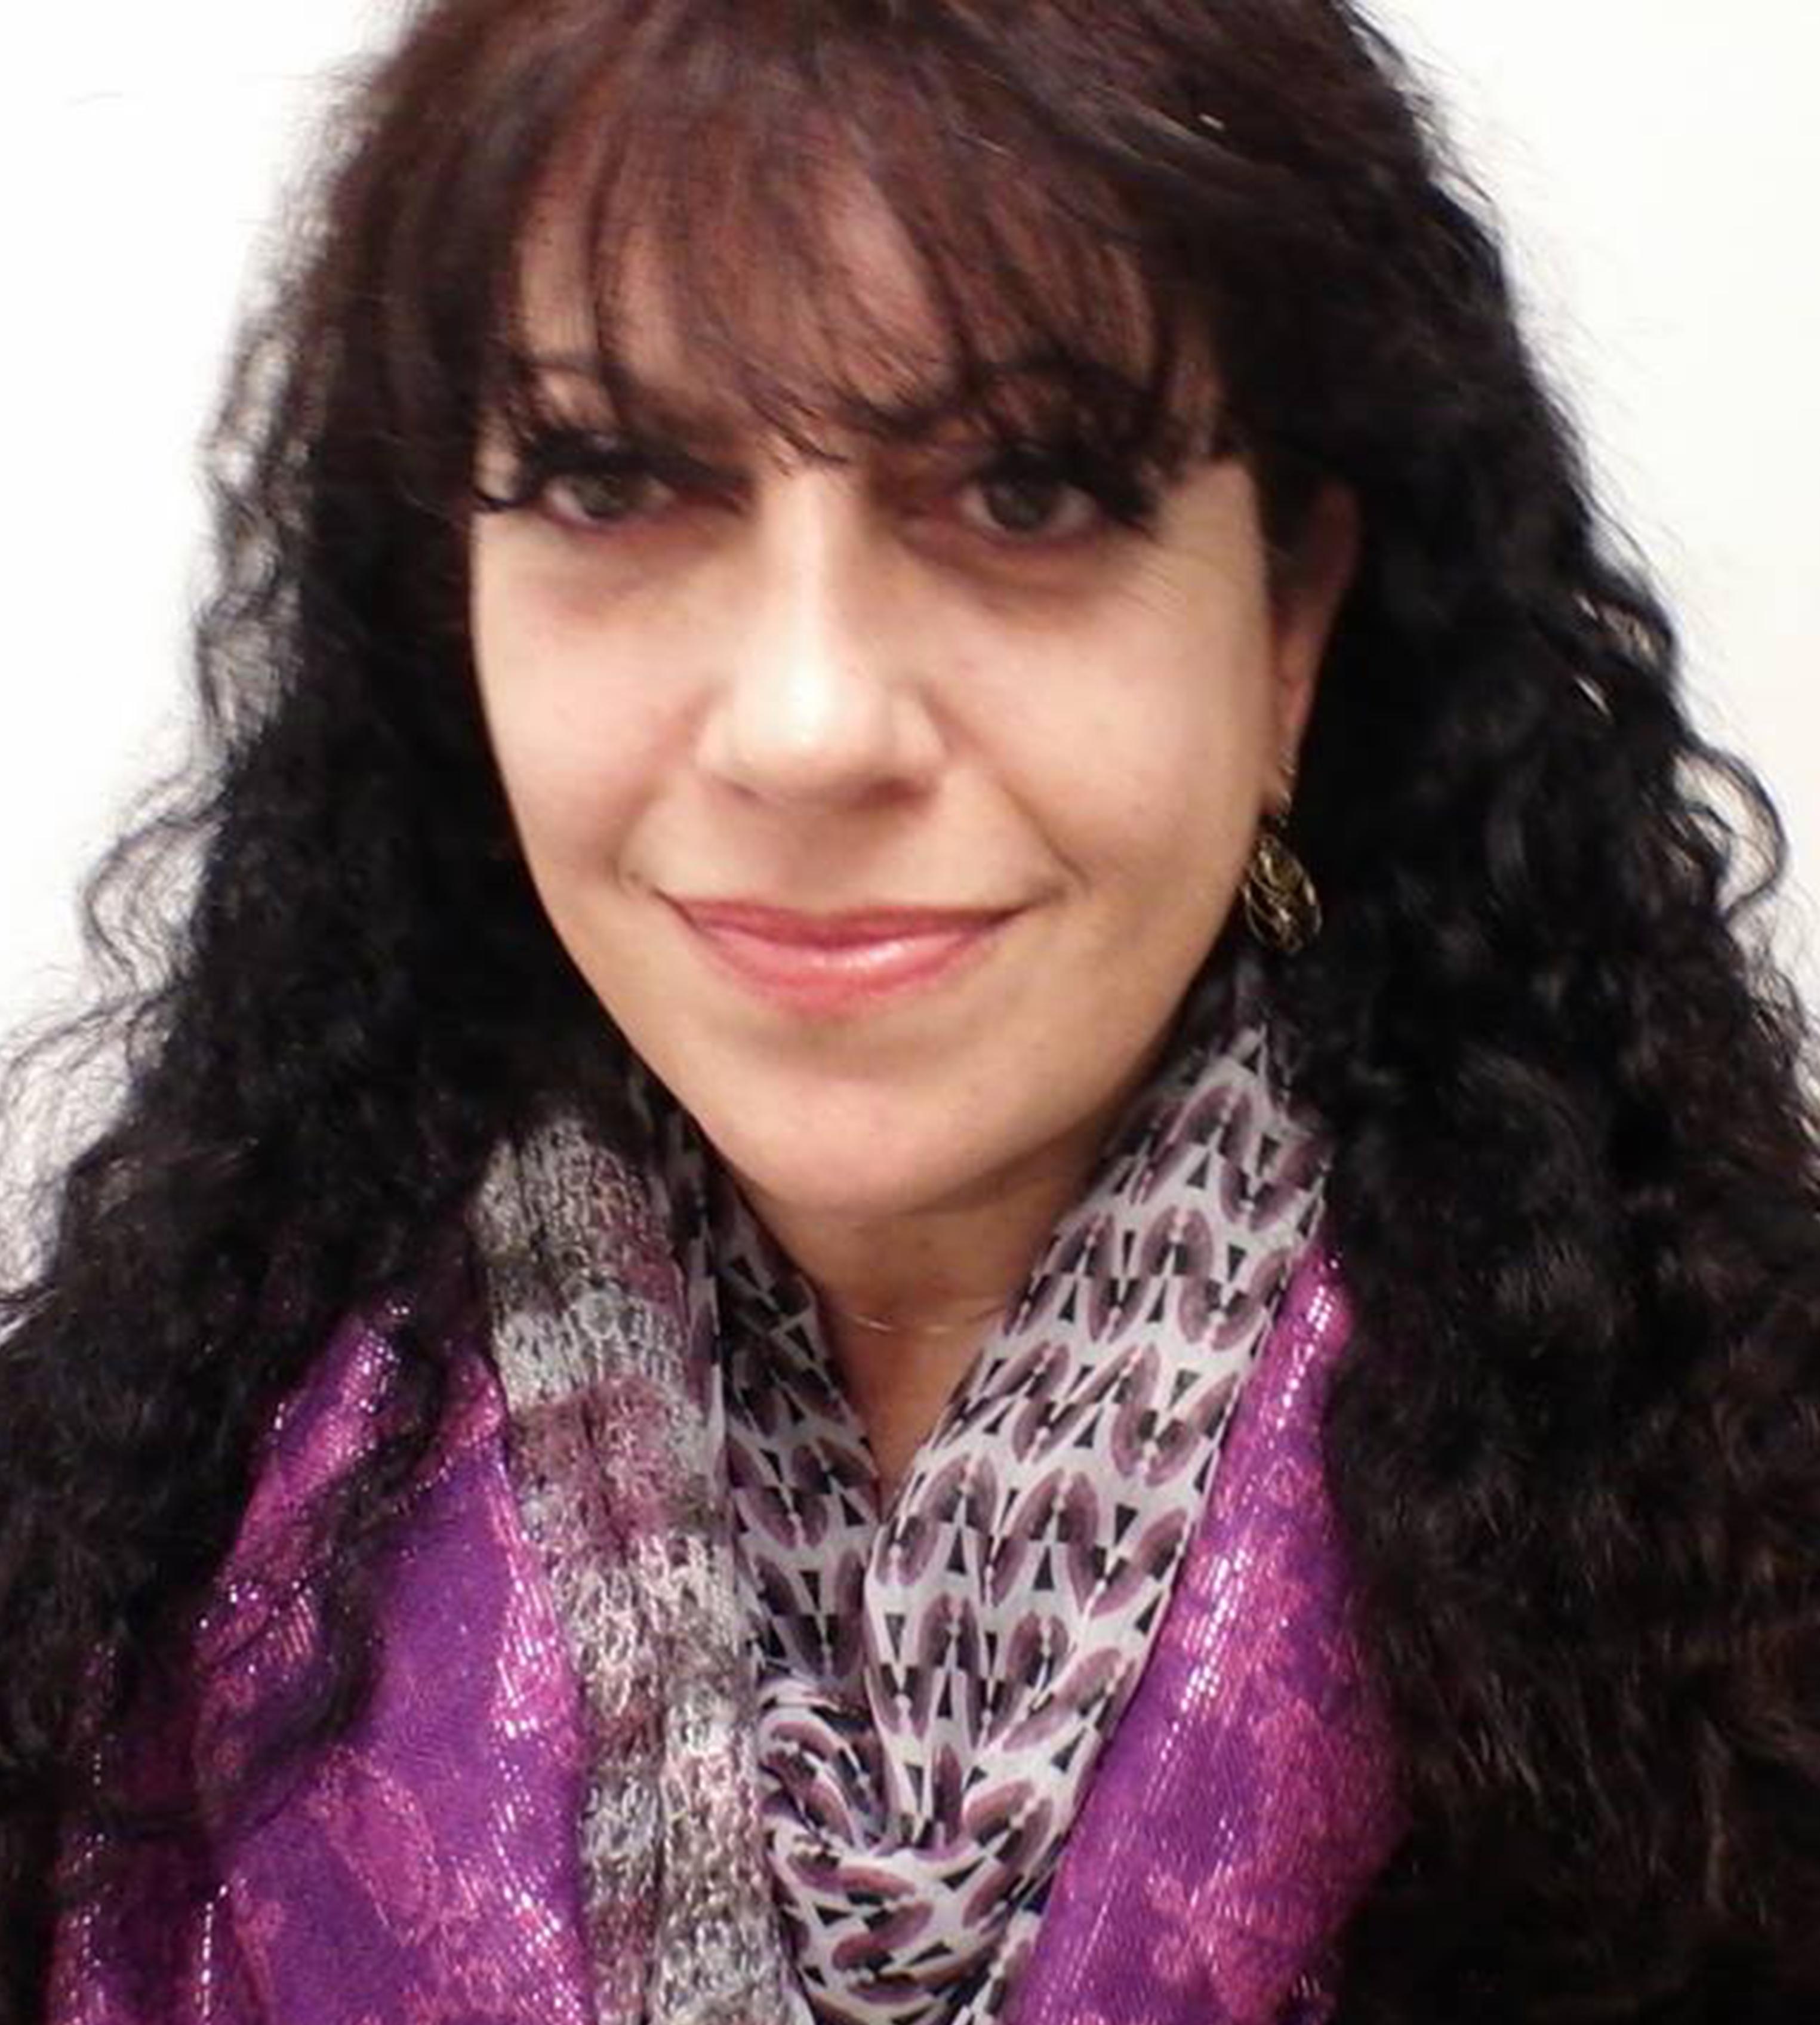 Ms. Ana Caneira